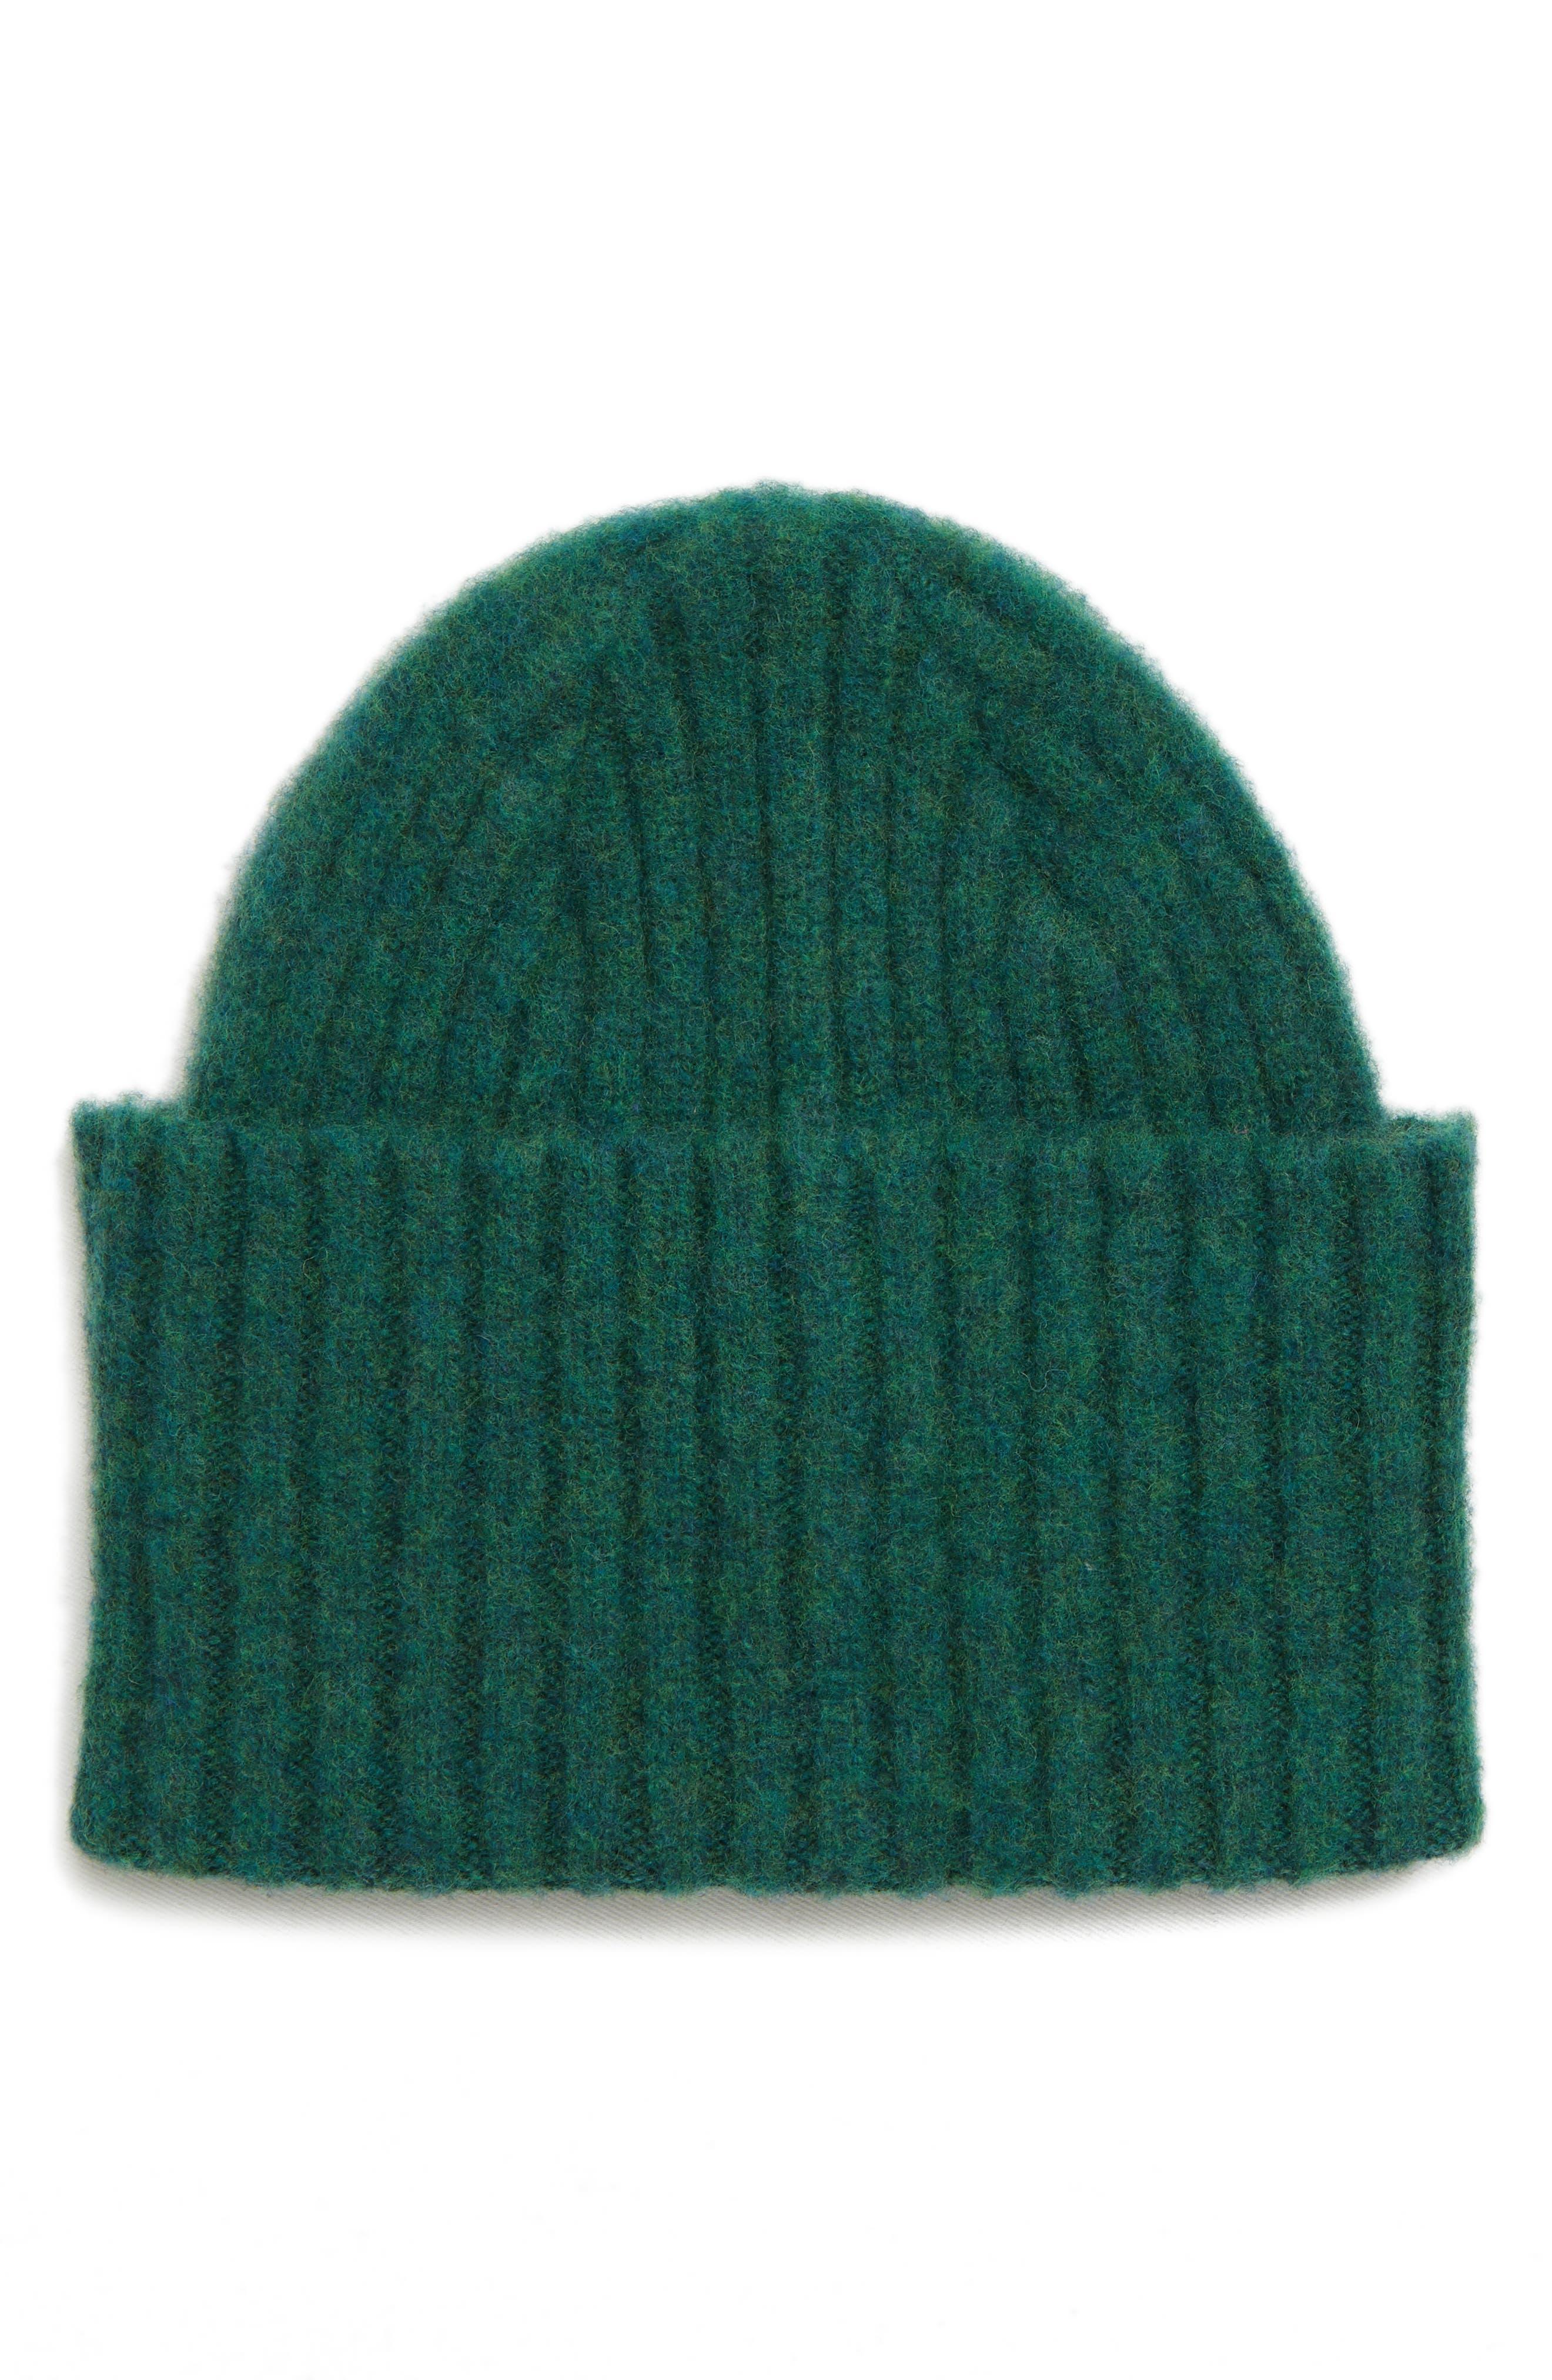 DRAKE'S Drakes Brushed Wool Beanie - Green